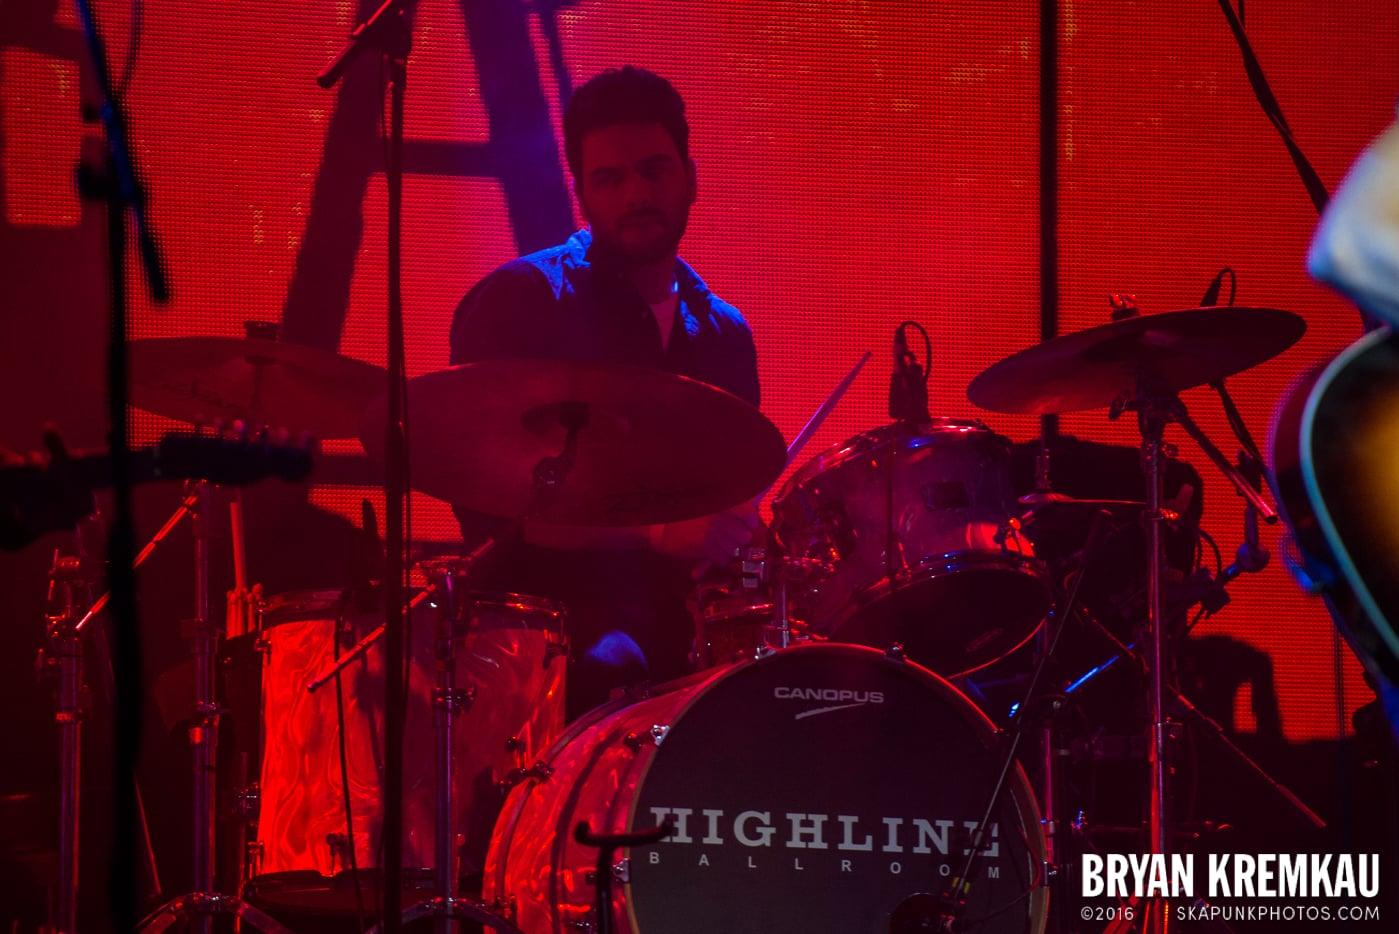 Matt Butler @ Highline Ballroom, NYC - 12.26.14 (6)